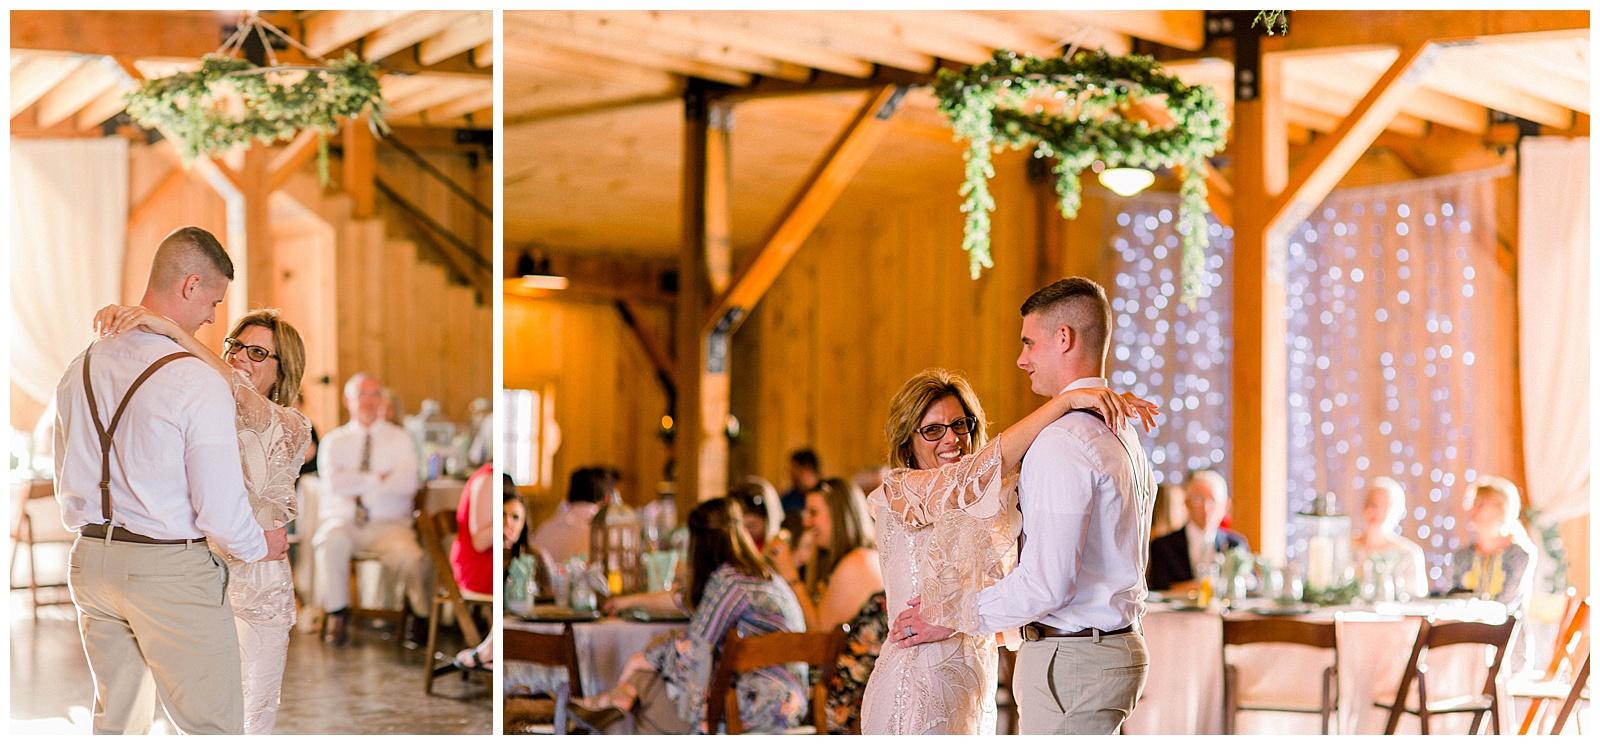 Lewis-Kara-Blakeman-Photography-Huntington-West-Virginia-Wedding-Barn-Olde-Homestead-46